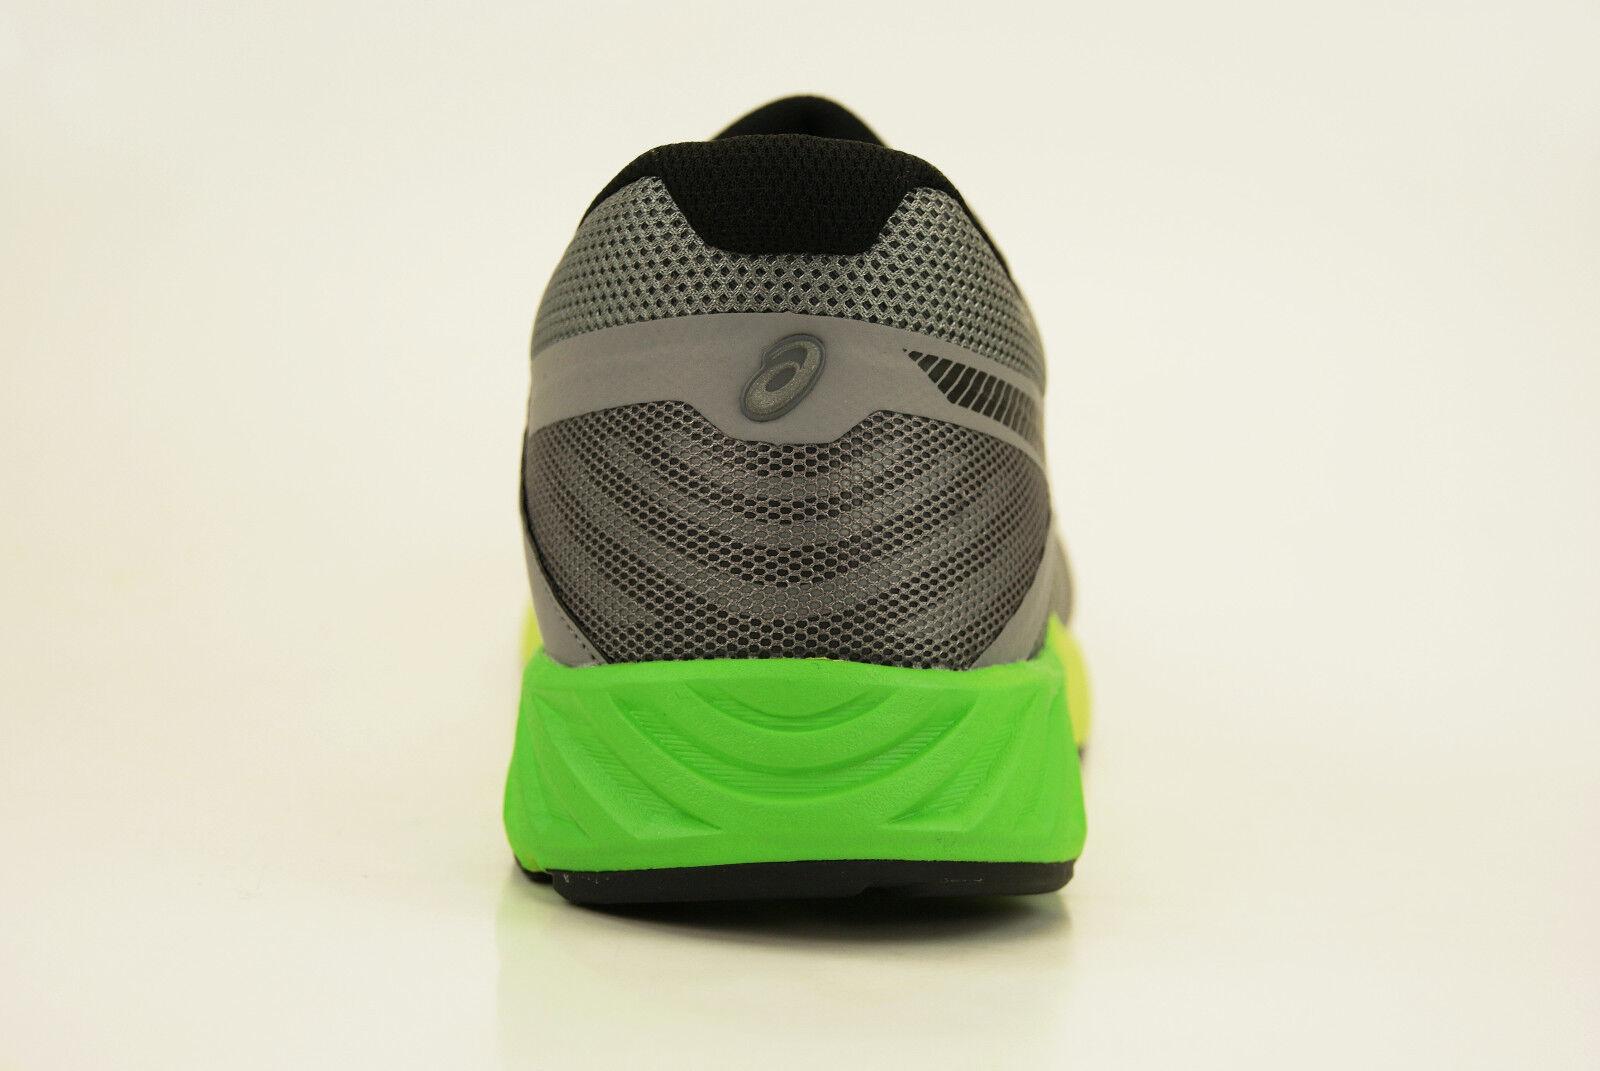 Asics FuzeX Lyte Laufschuhe Joggingschuhe Sportschuhe Sneakers Herren Schuhe